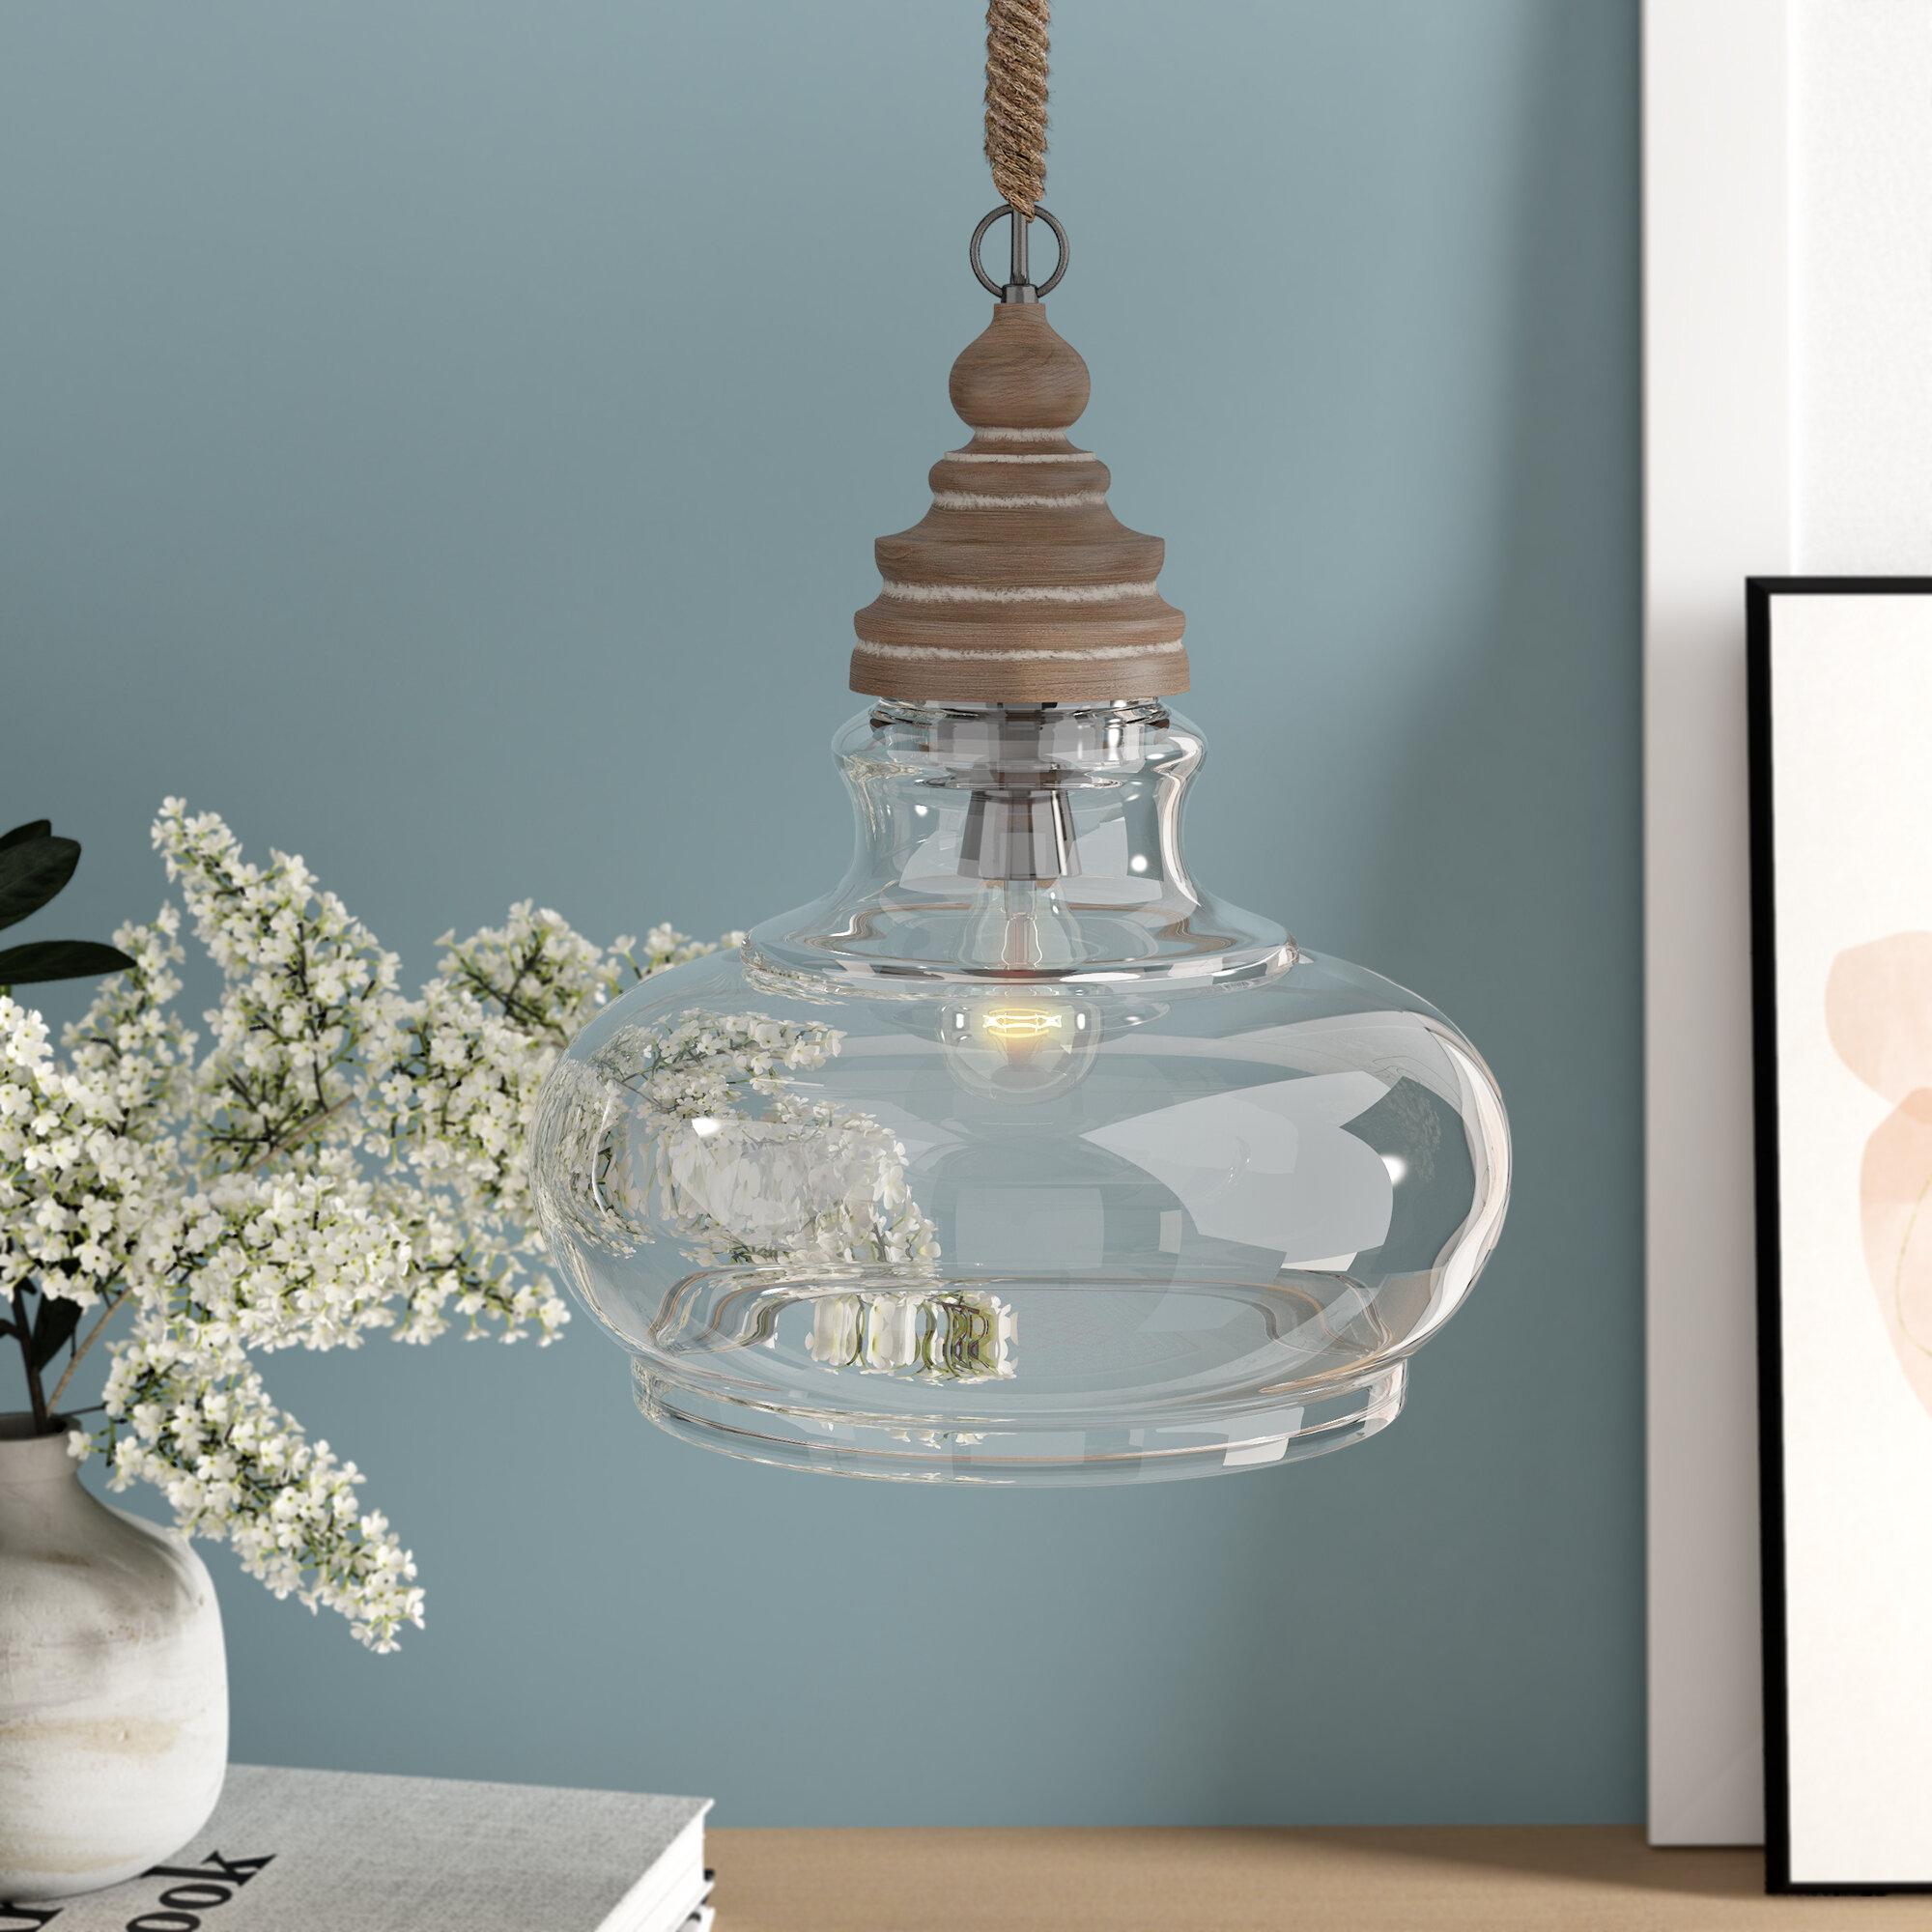 Maelle 1 Light Single Bell Pendant In 1 Light Single Bell Pendants (View 18 of 30)